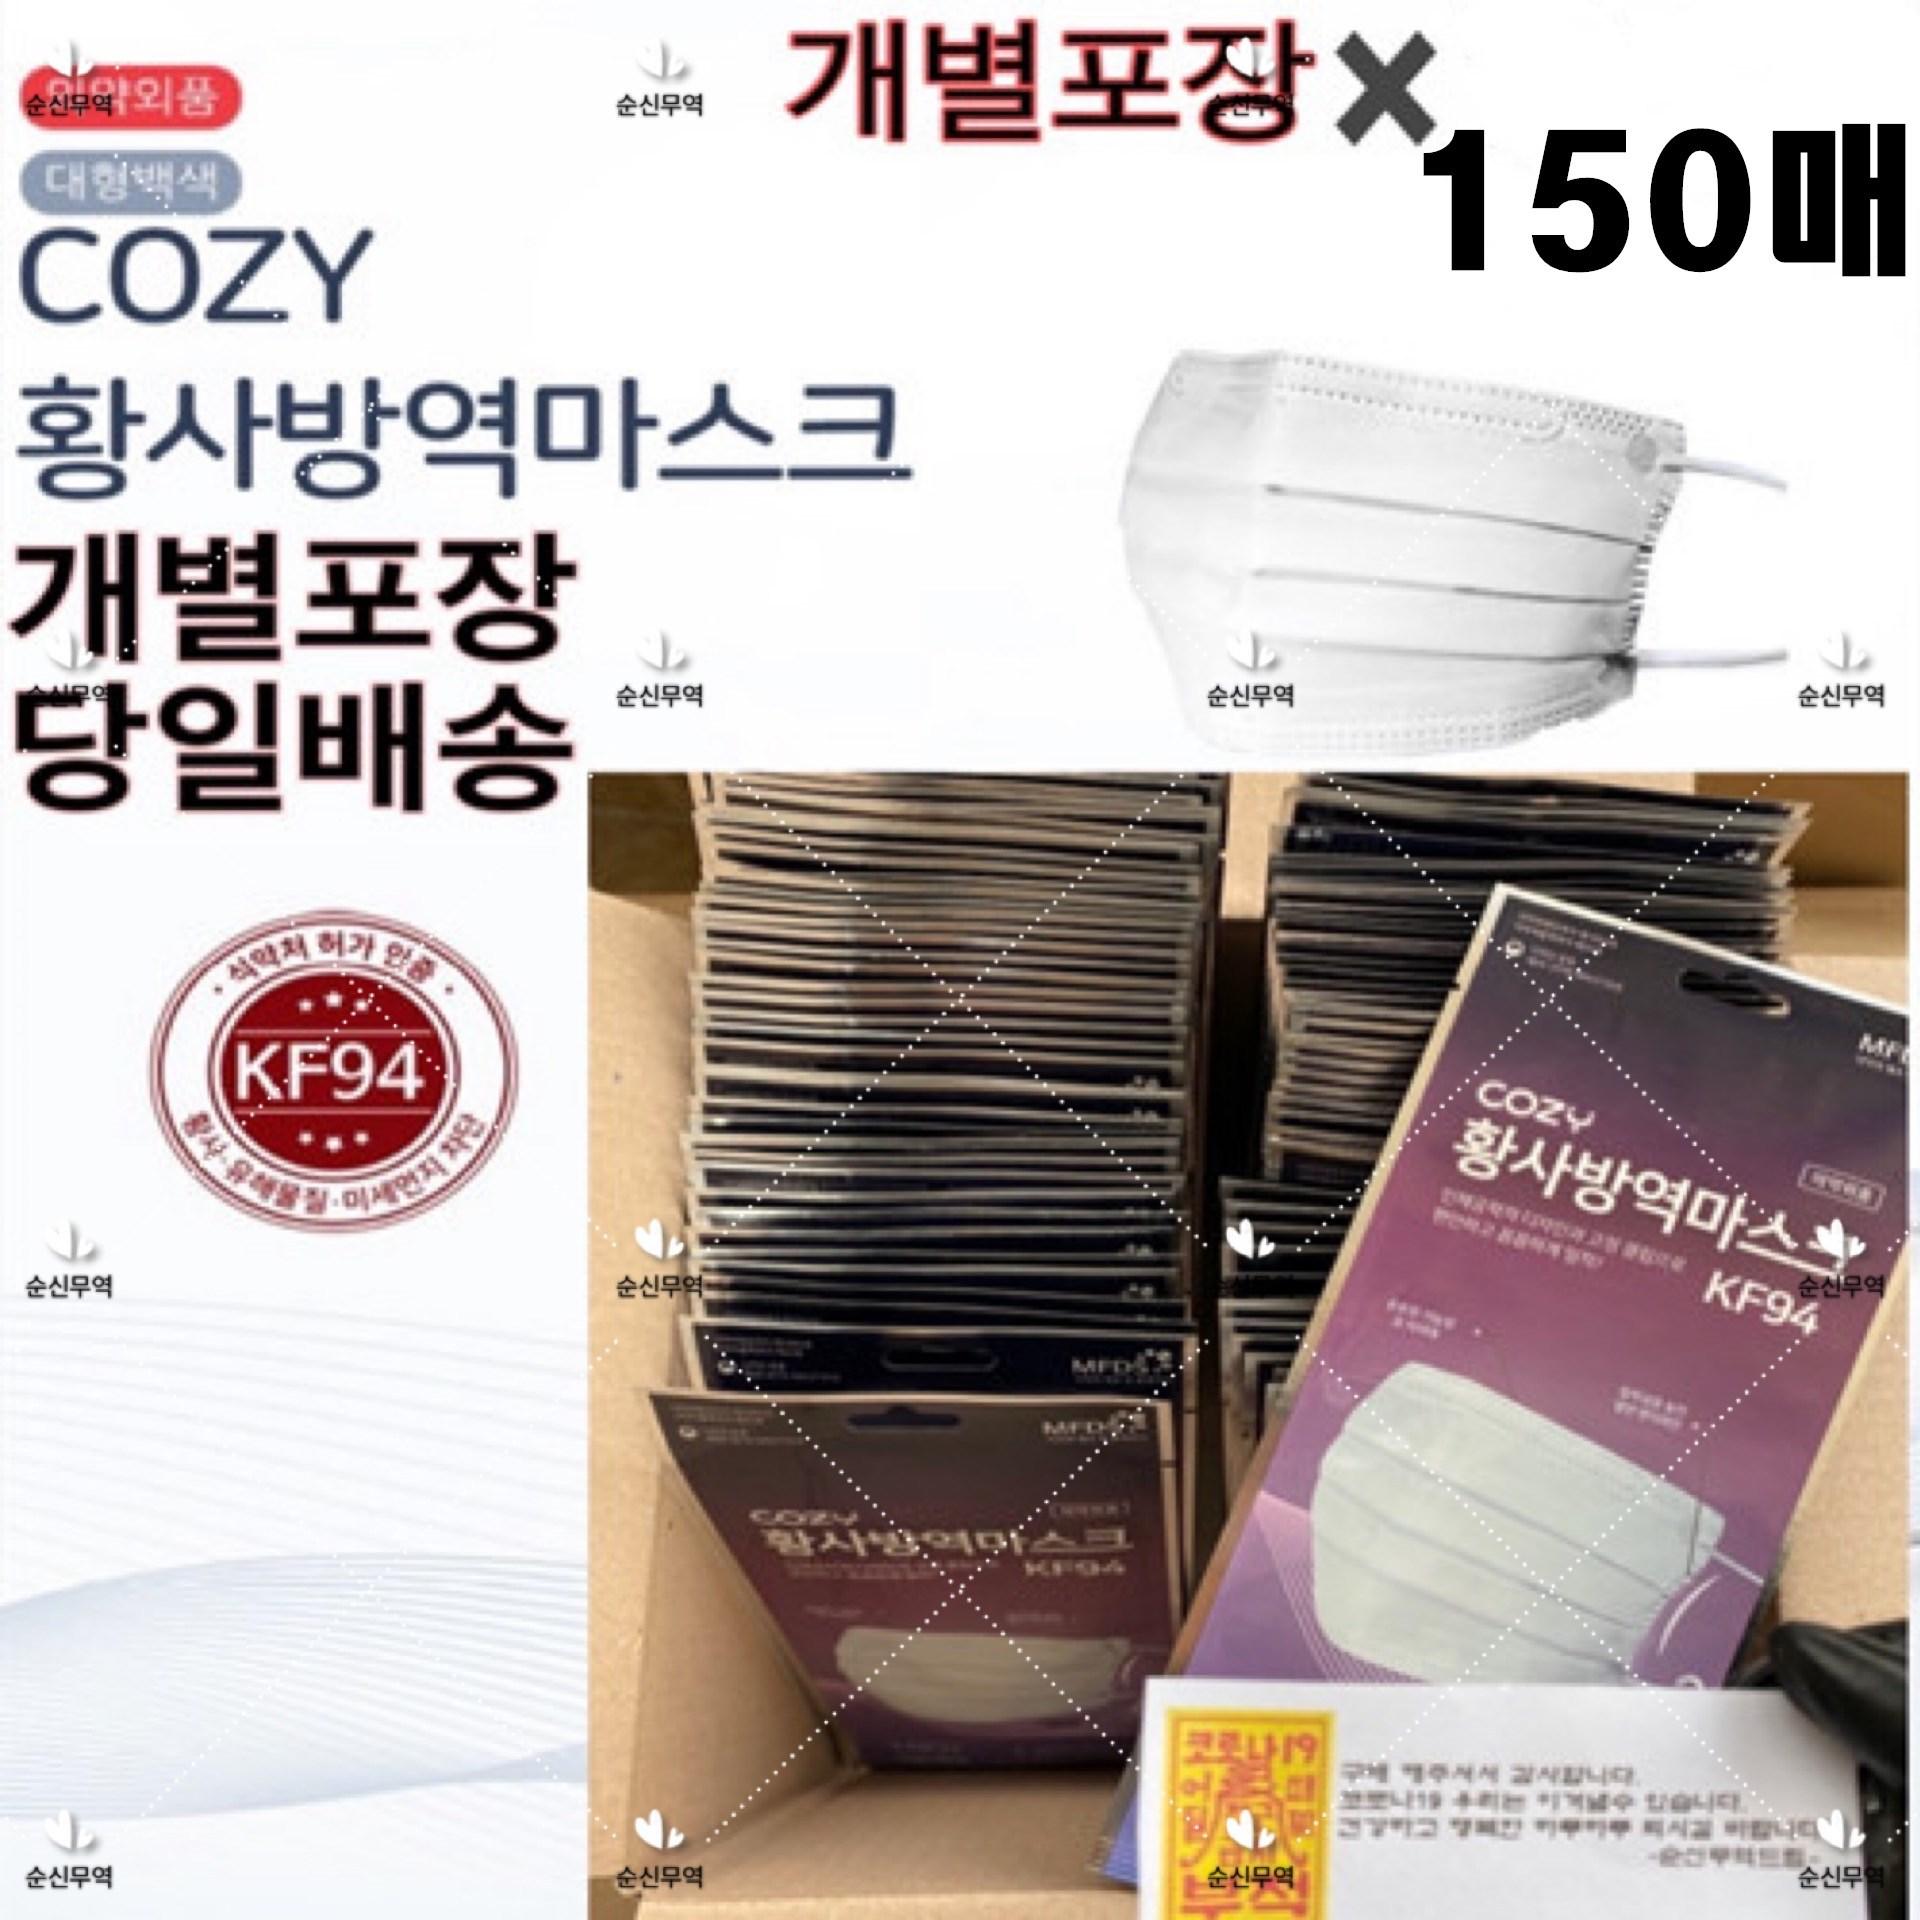 (타임세일)코지cozy 순신무역KF94 황사방역마스크 개별포장X150개 화이트 국내원단 당일배송, 1매입, 150개